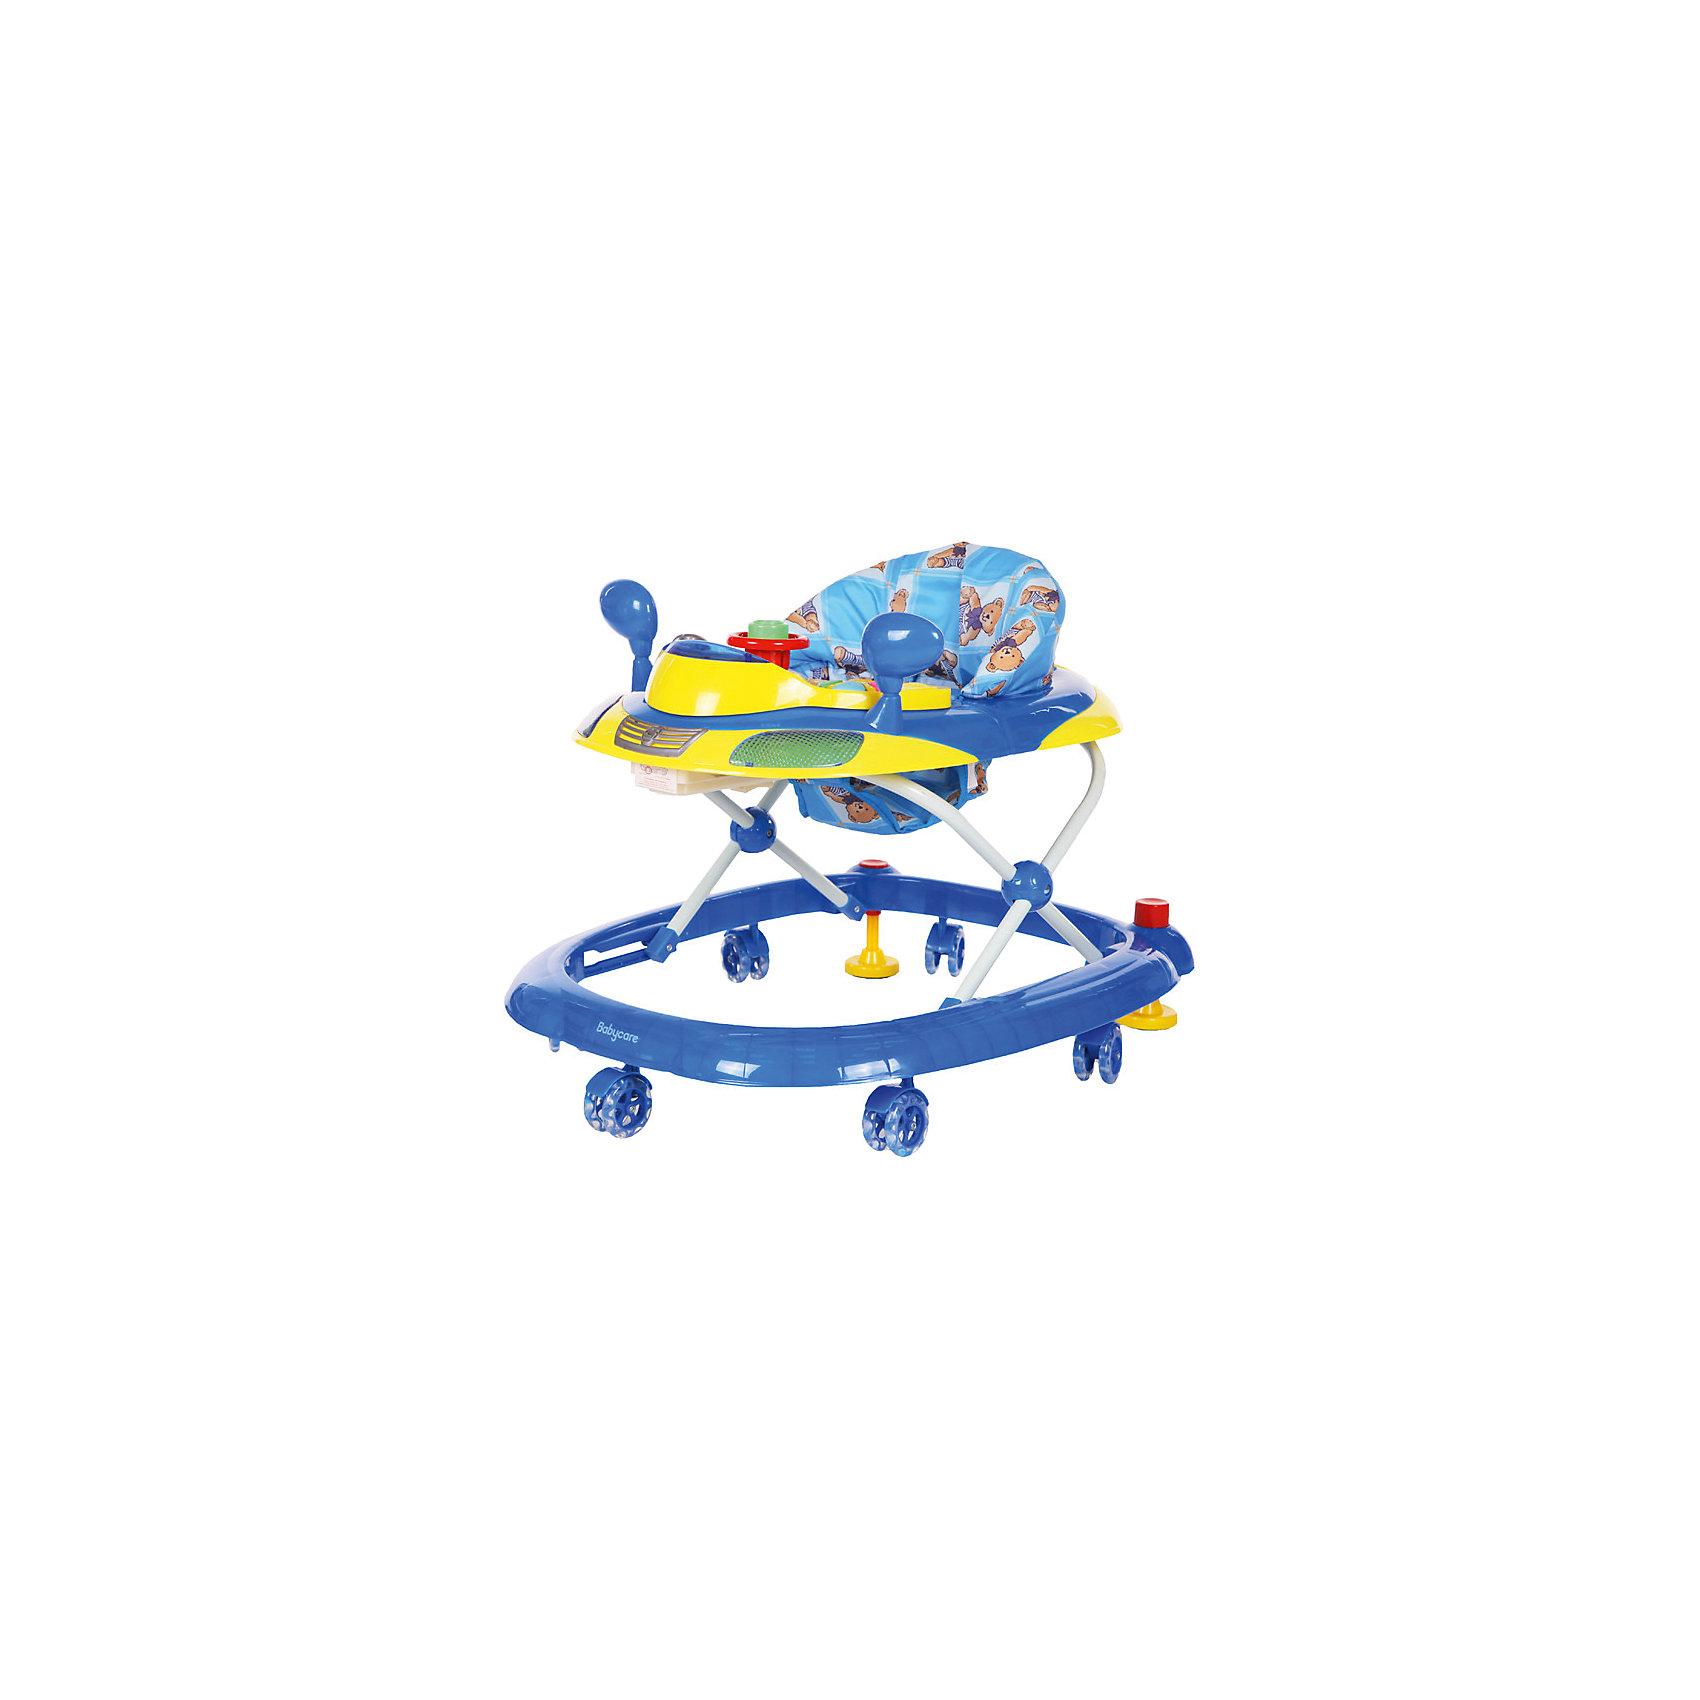 Ходунки Prix, Baby Care, синийХодунки имеют 8 силиконовых колес и мягкое сиденье. Обивка легко и полностью снимается, что очень упрощает стирку. 3 положения по высоте.Ходунки Prix имеют музыкально- игровую панель со световыми эффектами.<br><br>Ширина мм: 660<br>Глубина мм: 570<br>Высота мм: 140<br>Вес г: 3400<br>Возраст от месяцев: 7<br>Возраст до месяцев: 12<br>Пол: Унисекс<br>Возраст: Детский<br>SKU: 5493371